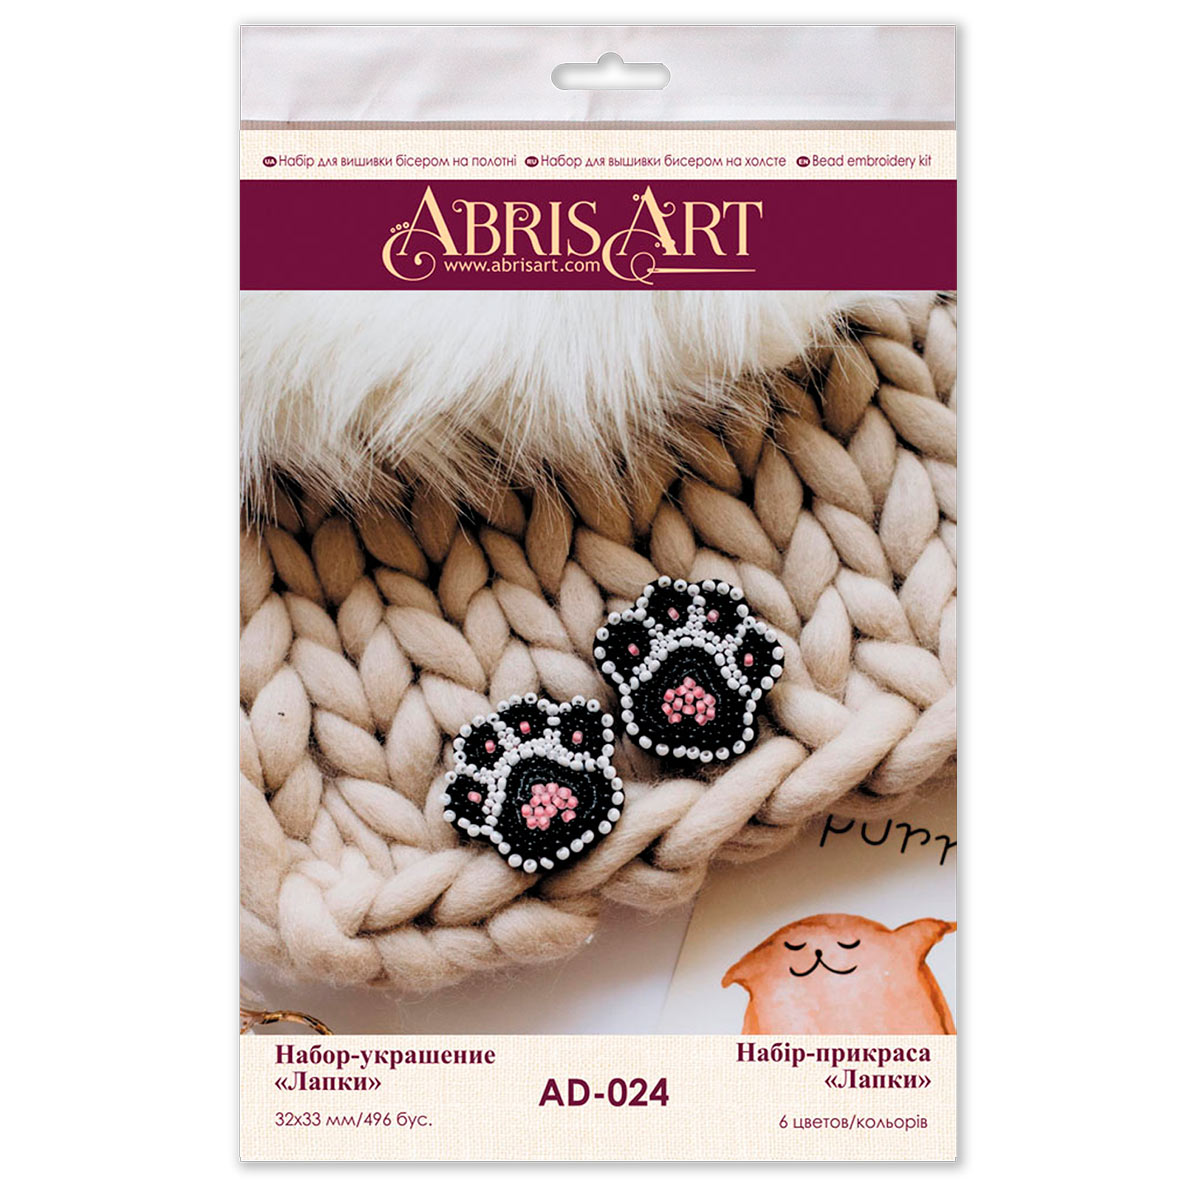 АД-024 Набор для вышивки бисером украшения на натур. художественном холсте 'Лапки' 3,2*6,6см